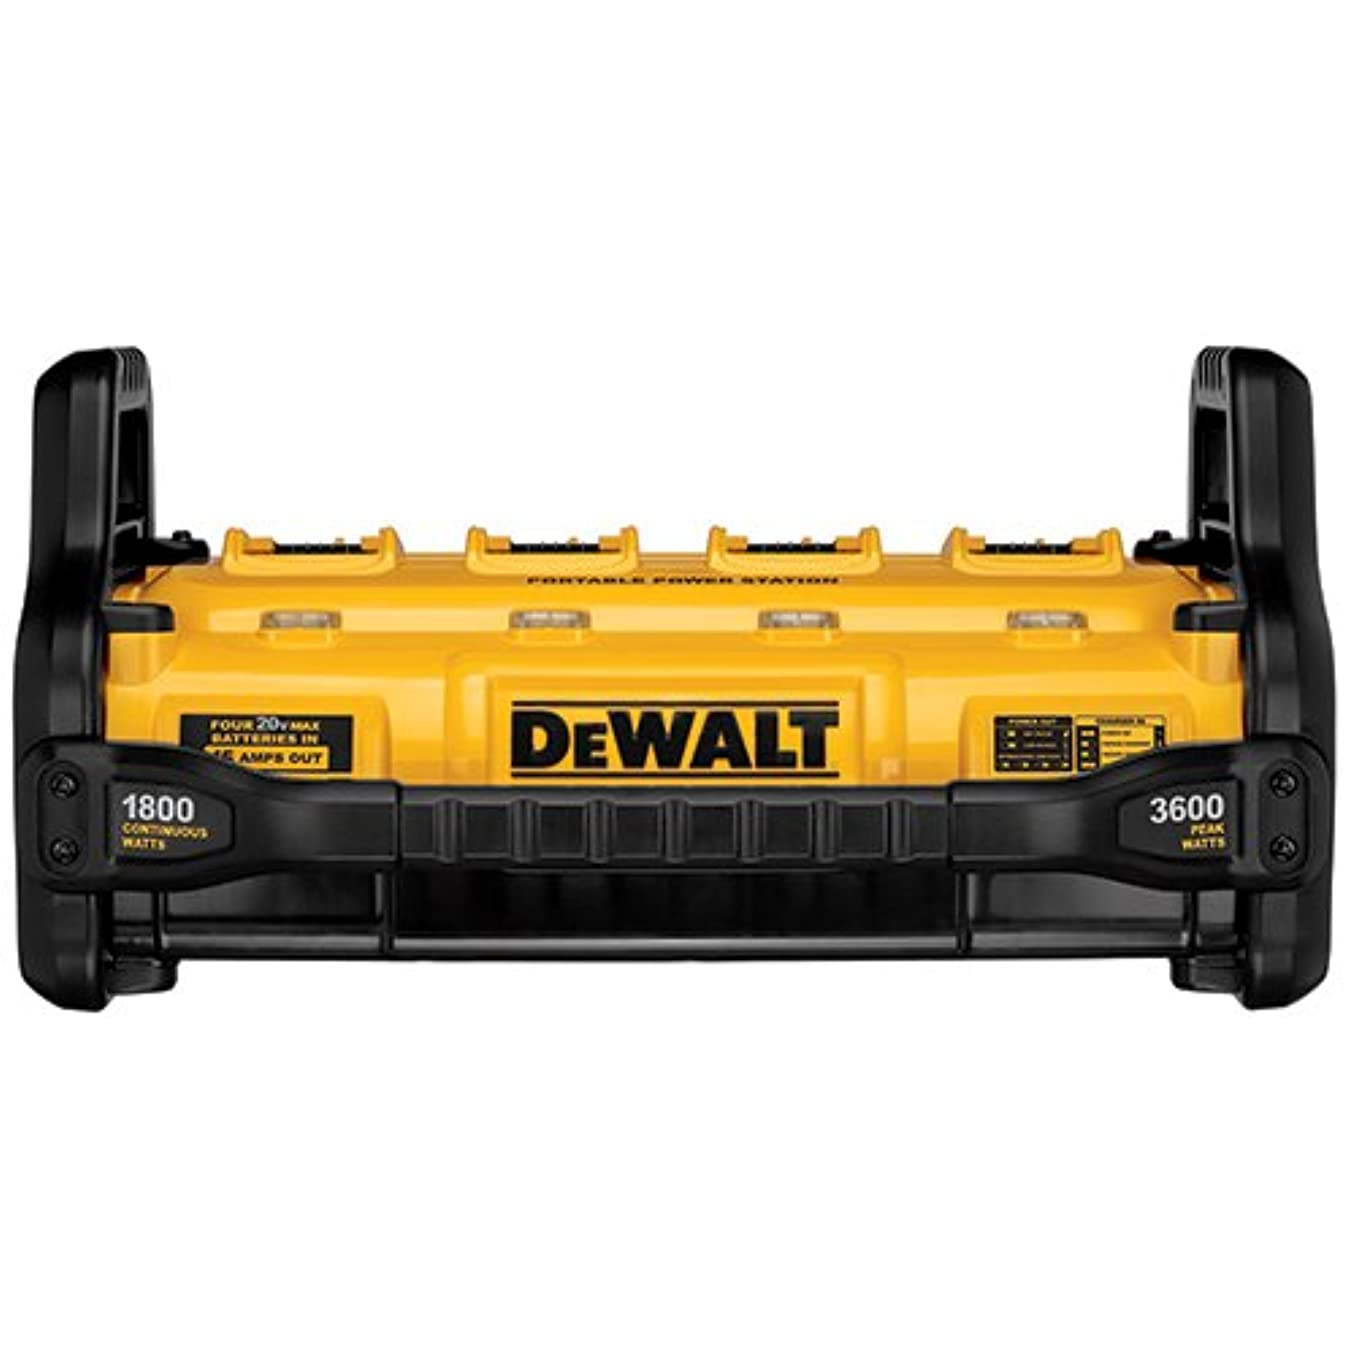 DEWALT DCB1800B FLEXVOLT Portable Power Station (Tool Only)